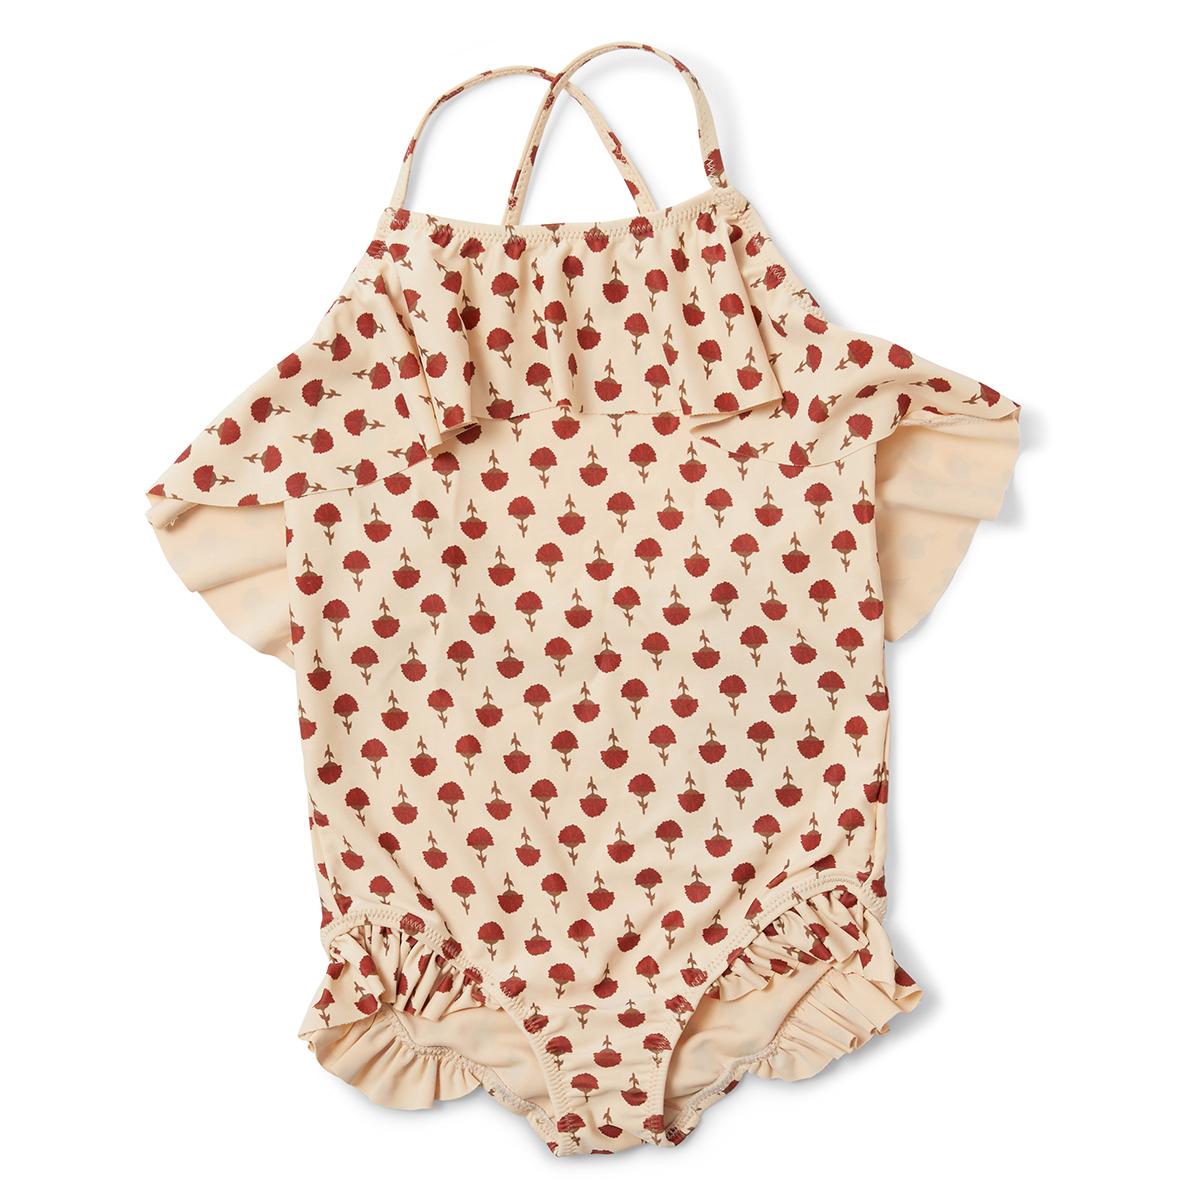 Accessoires bébé Maillot de Bain Manuca Poppyflower Red - 2 Ans Maillot de Bain Manuca Poppyflower Red - 2 Ans